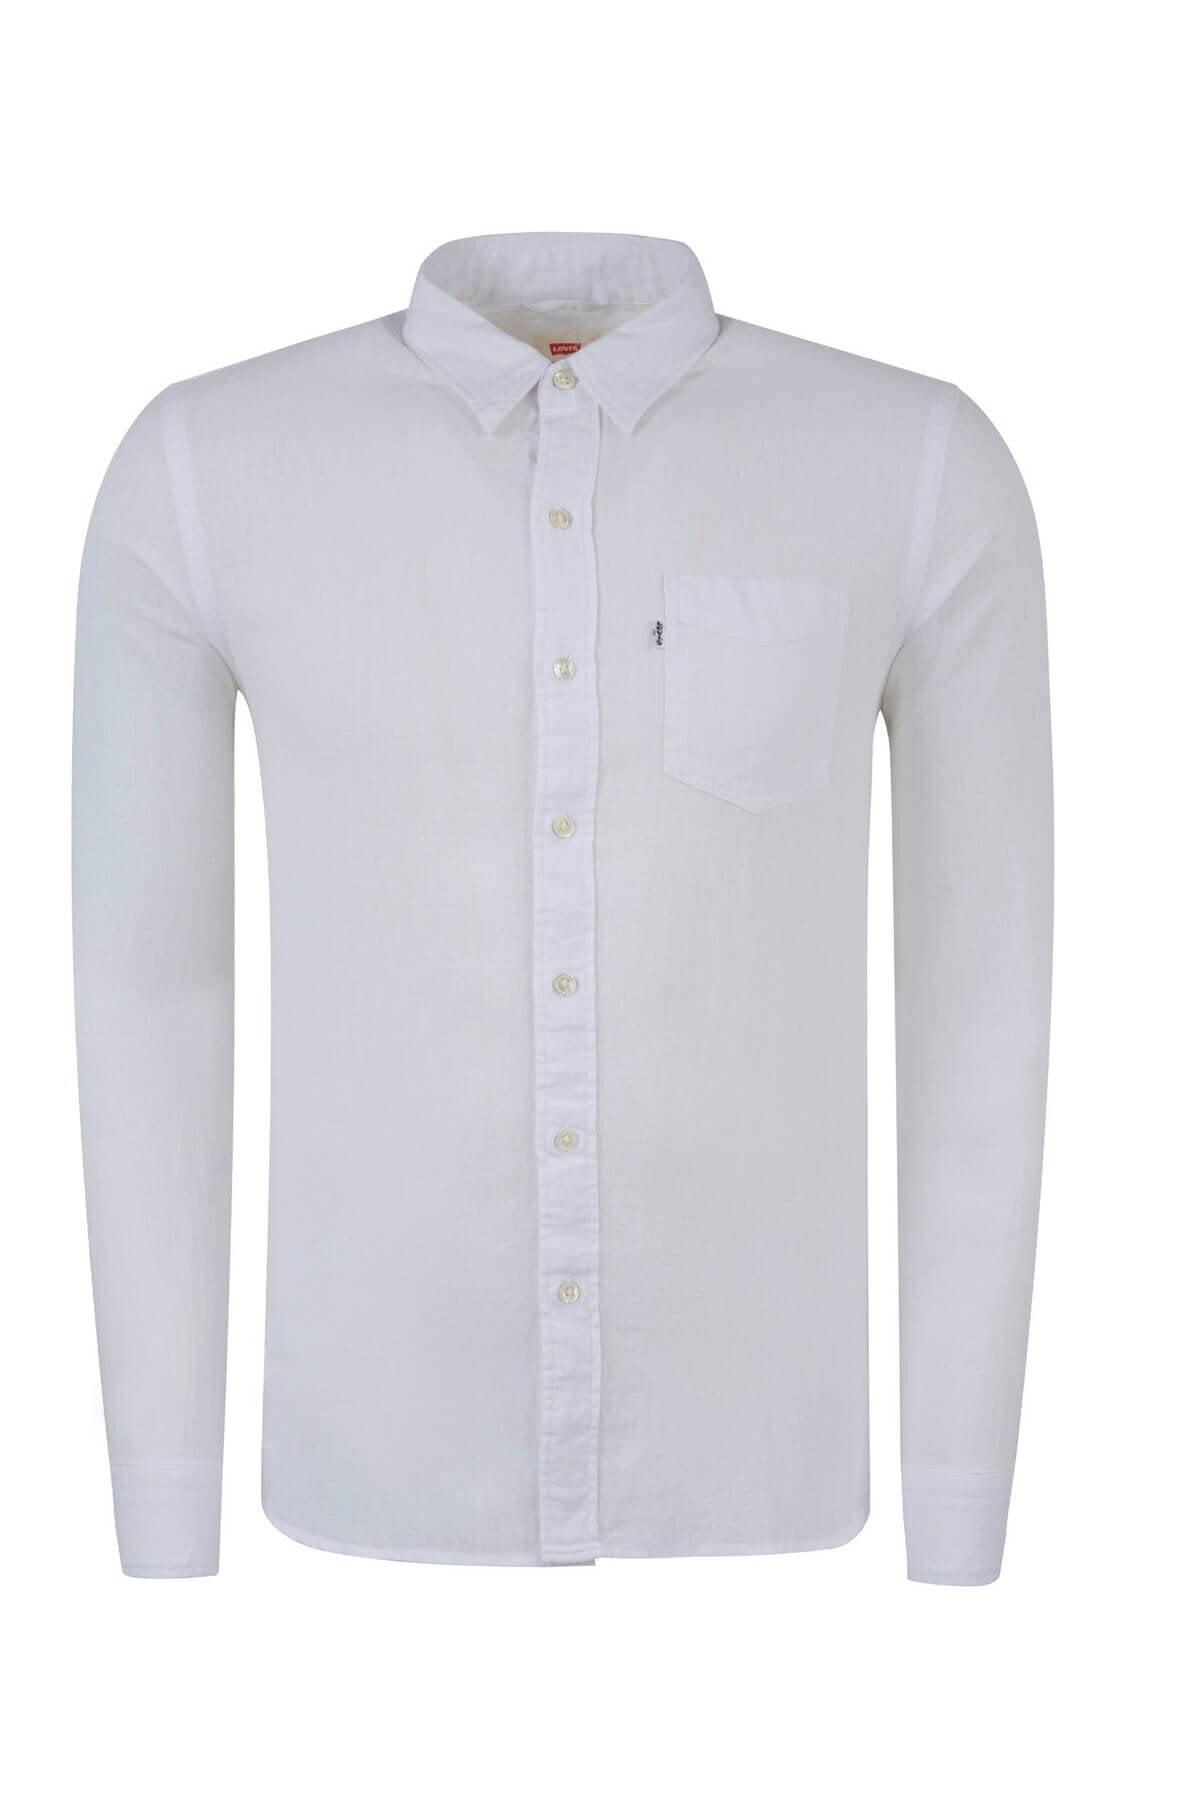 خرید نقدی پیراهن مردانه  برند Levis کد ty3774835